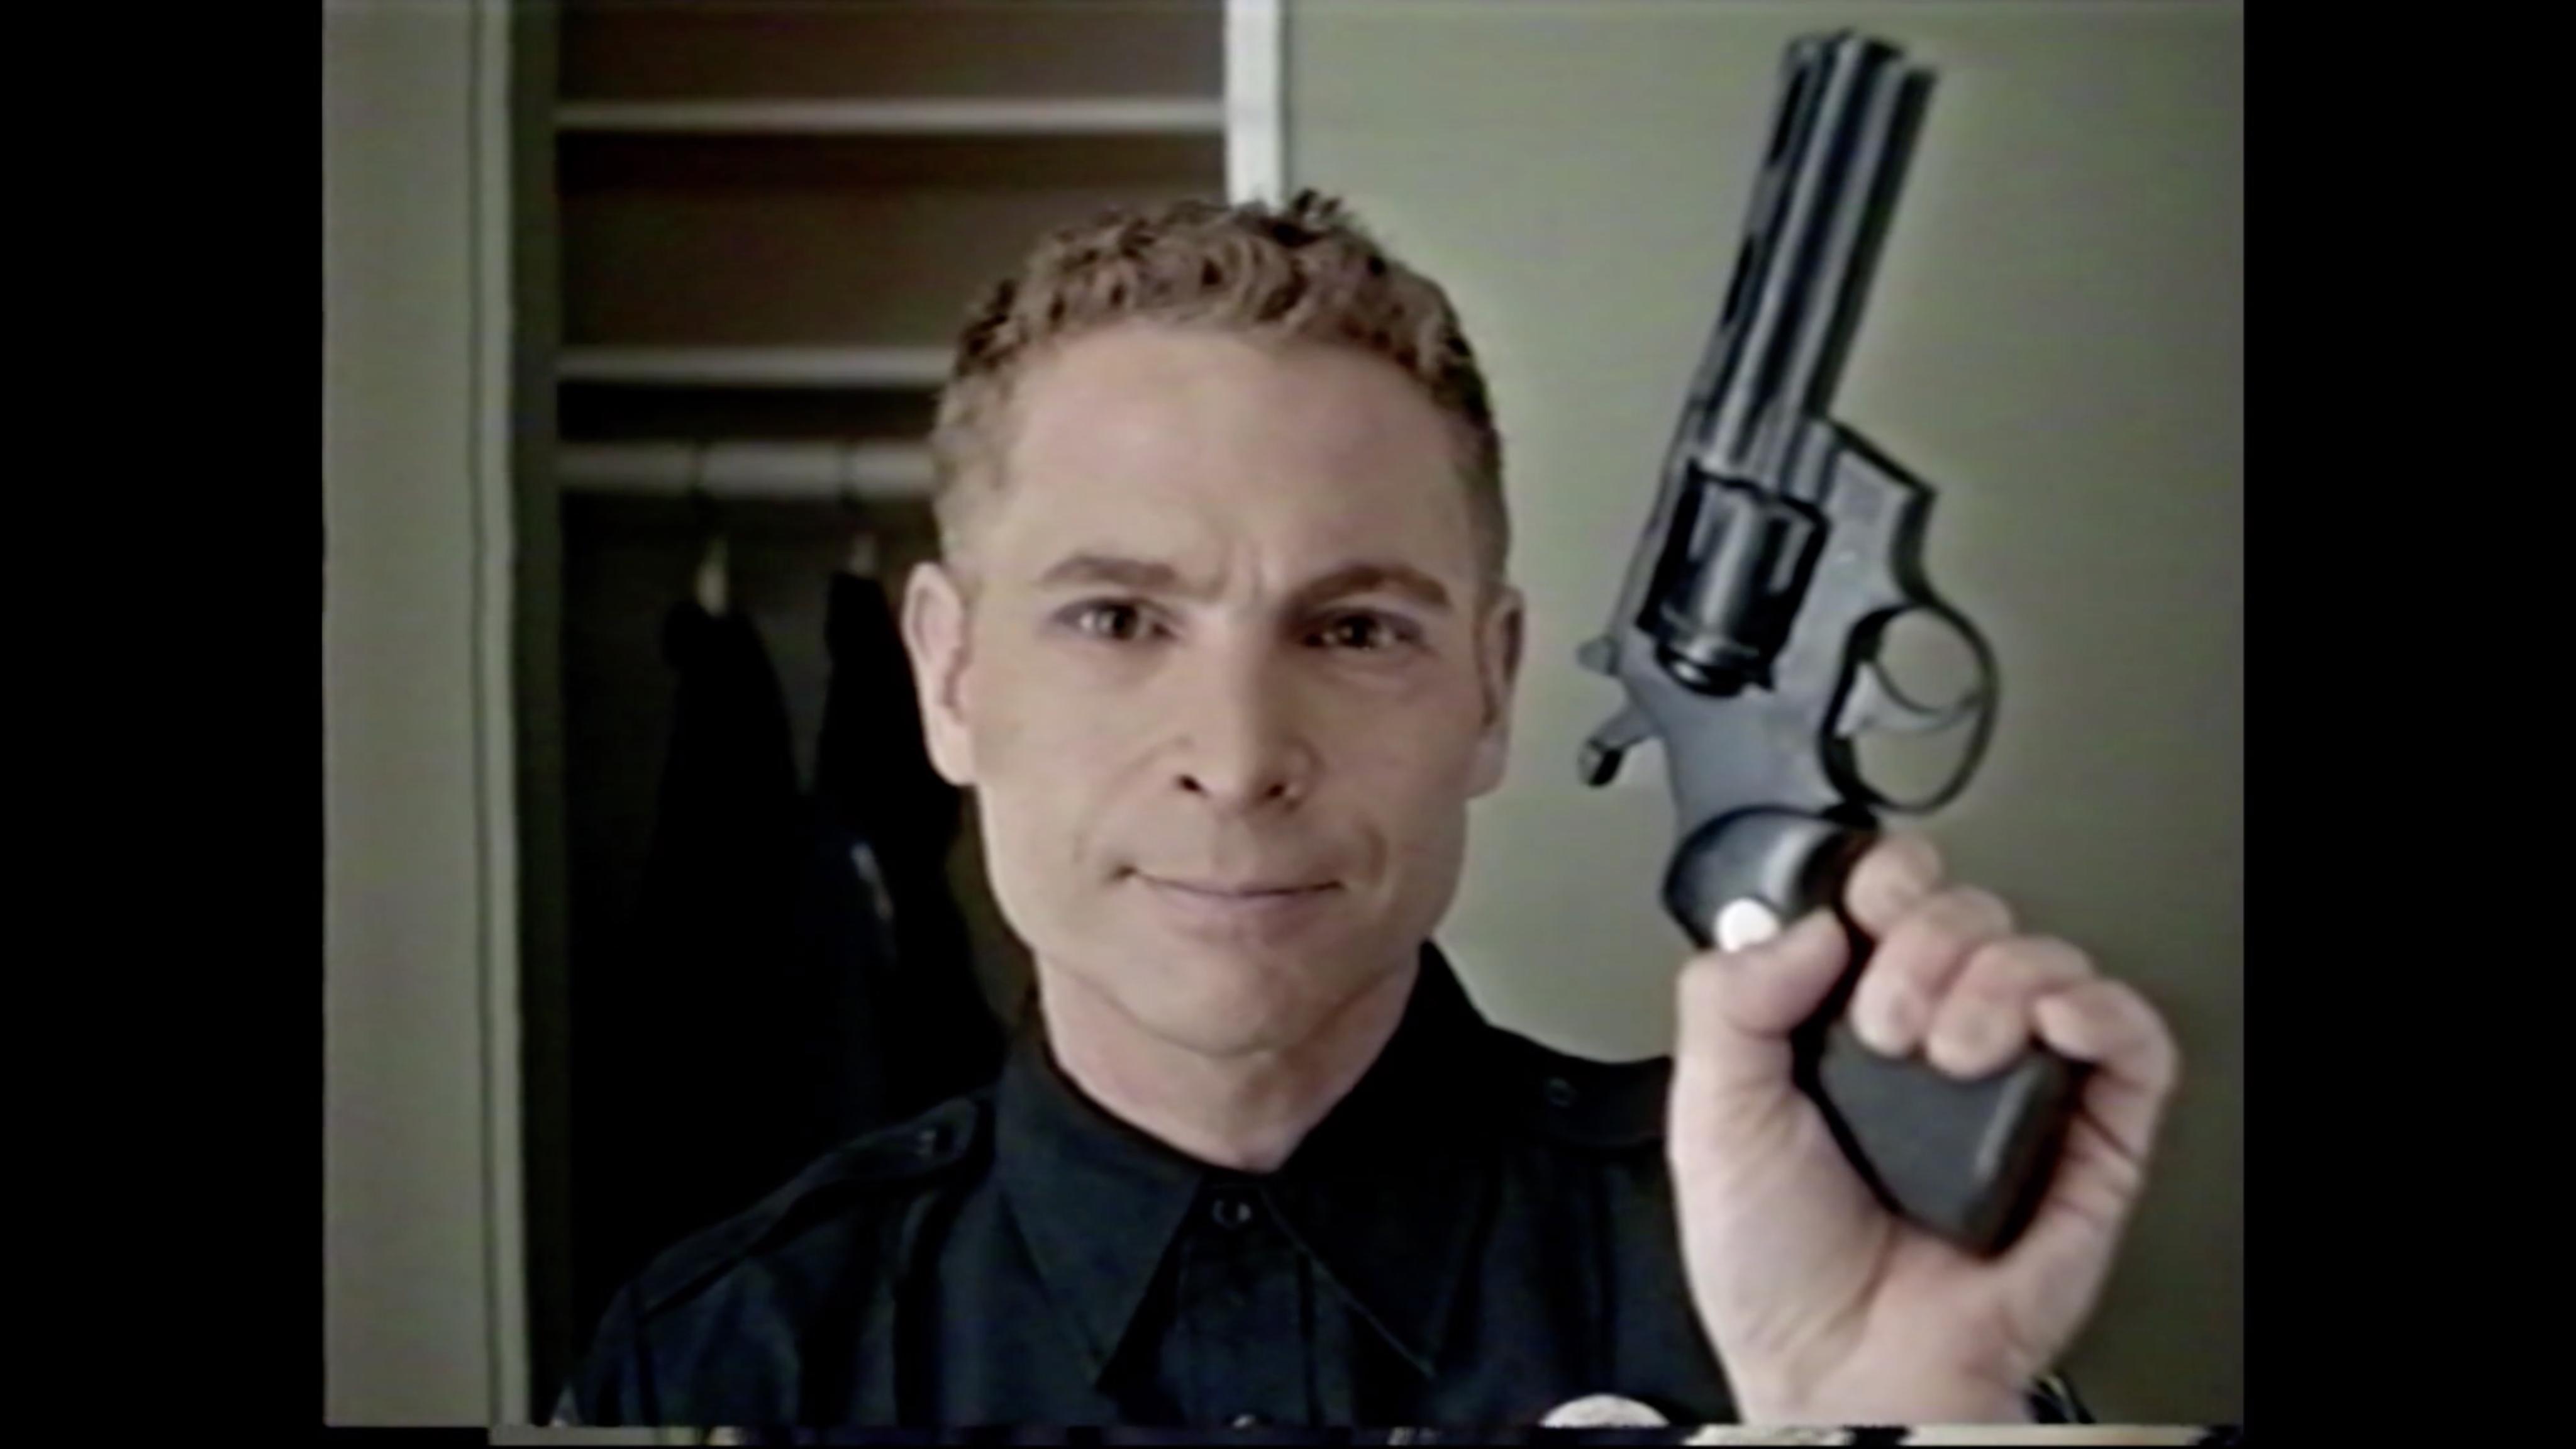 Jim Holding a Gun - Still from Survivial Skills